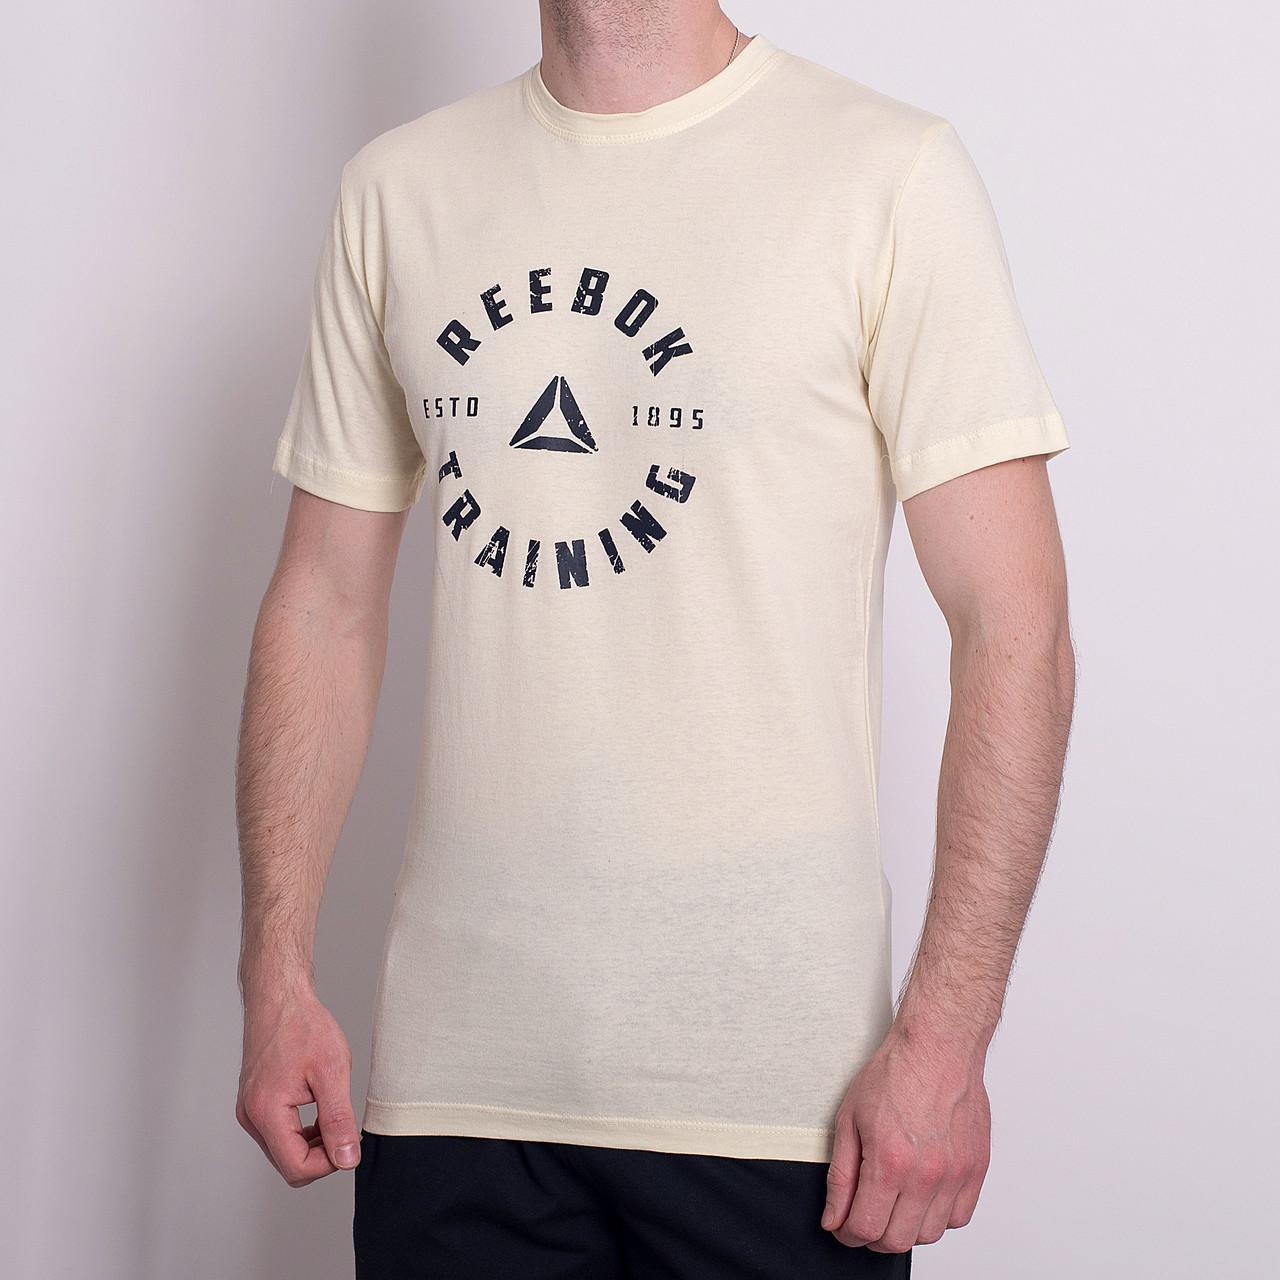 Чоловіча спортивна футболка Reebok, темно-сірого кольору